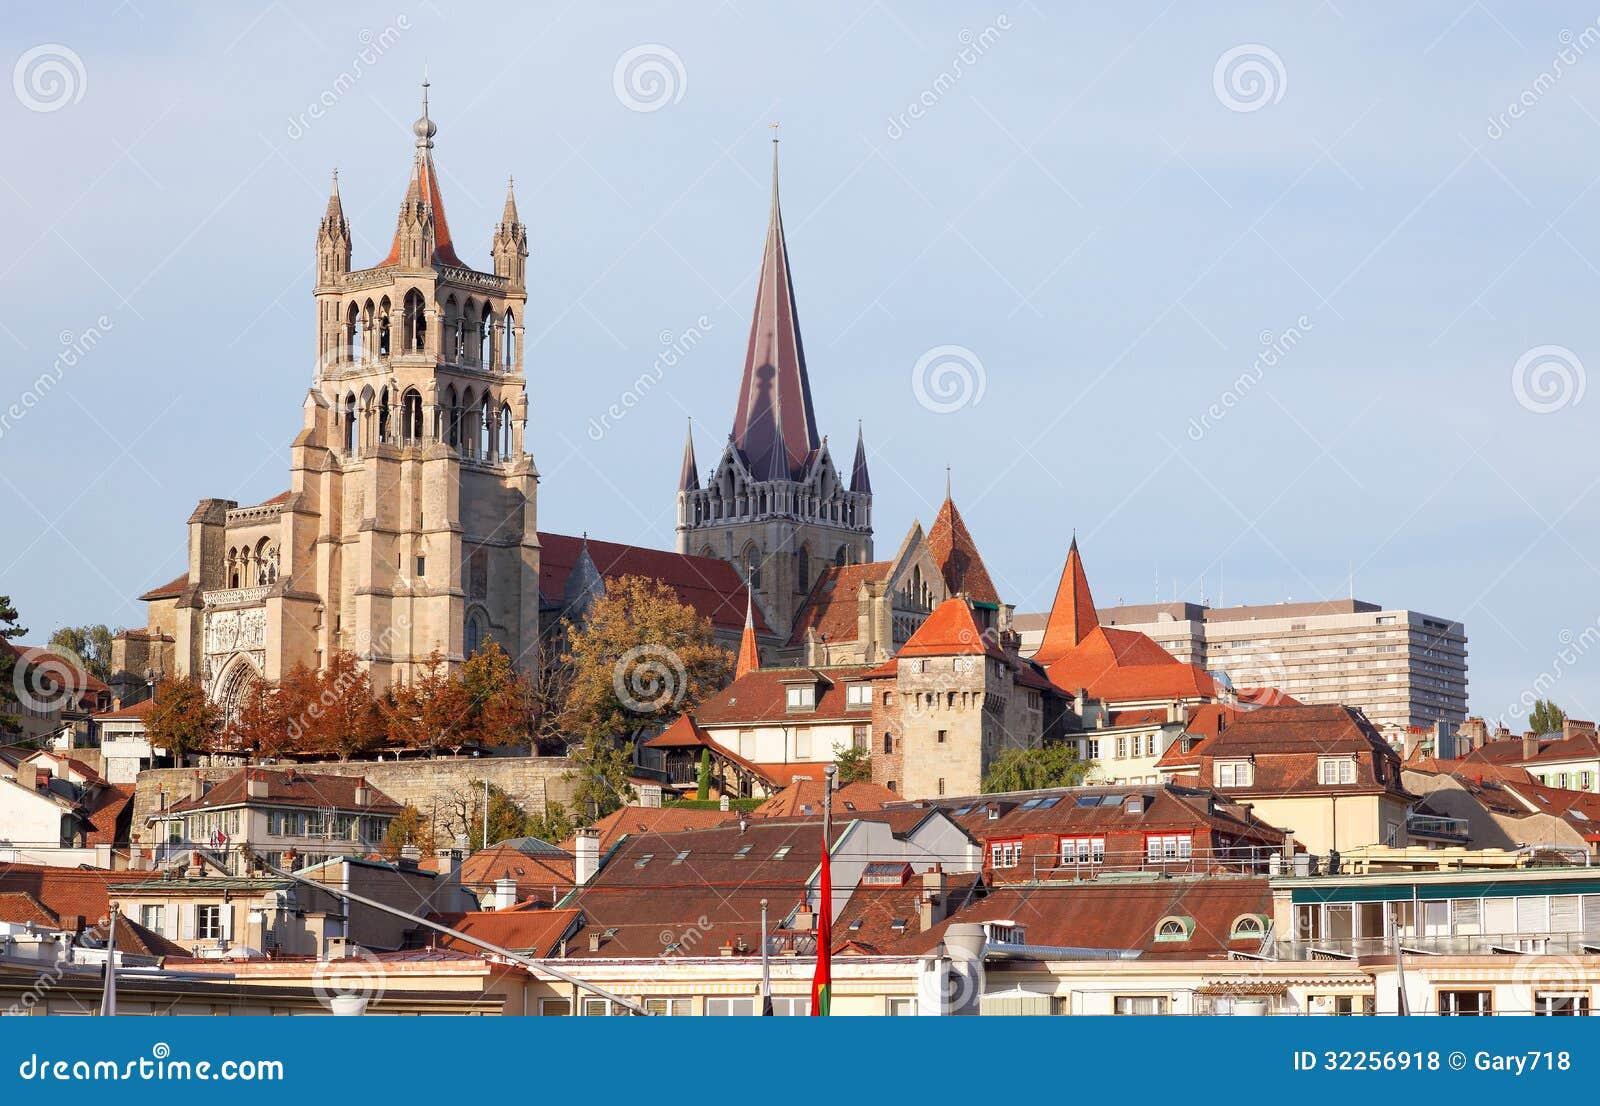 Paysage de ville de lausanne dans l 39 ouest de la suisse for Paysage de ville